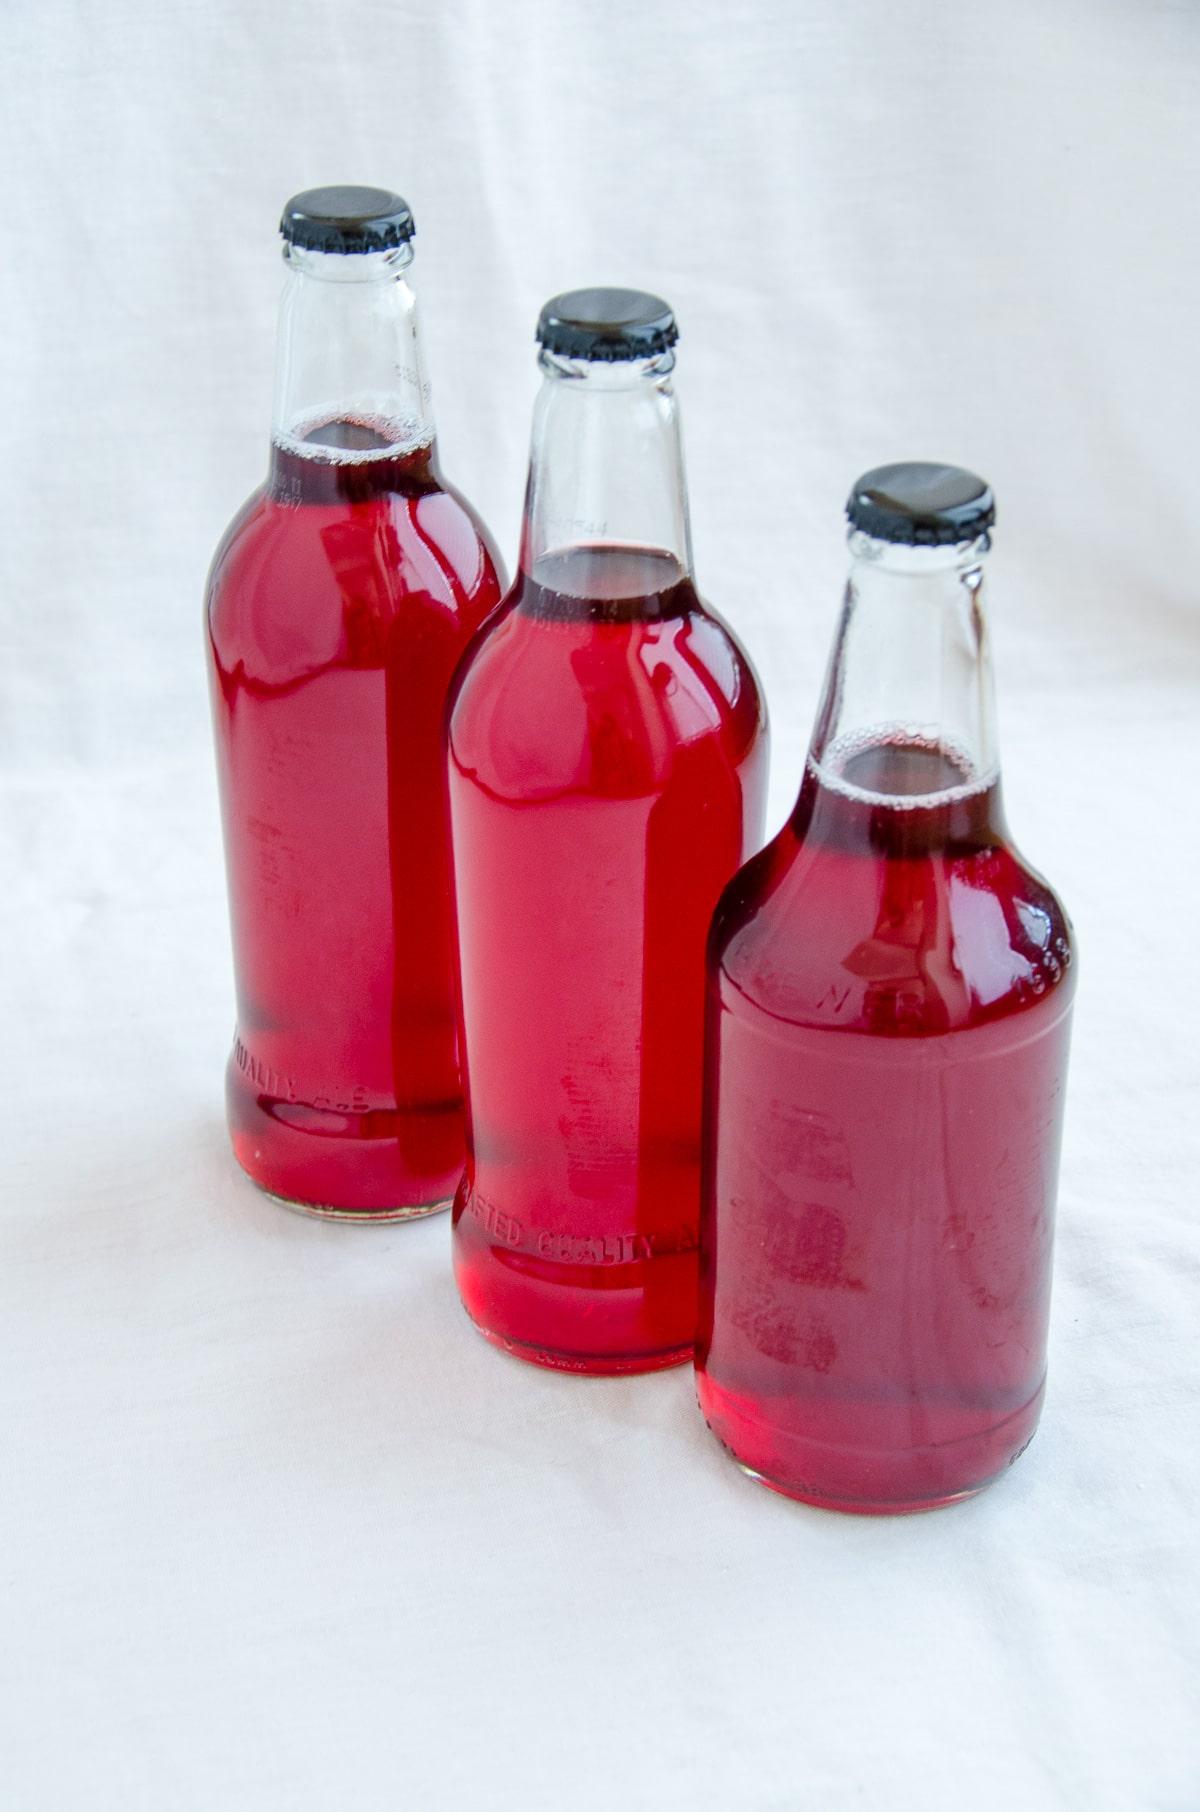 sok z czerwonych porzeczek w butelkach